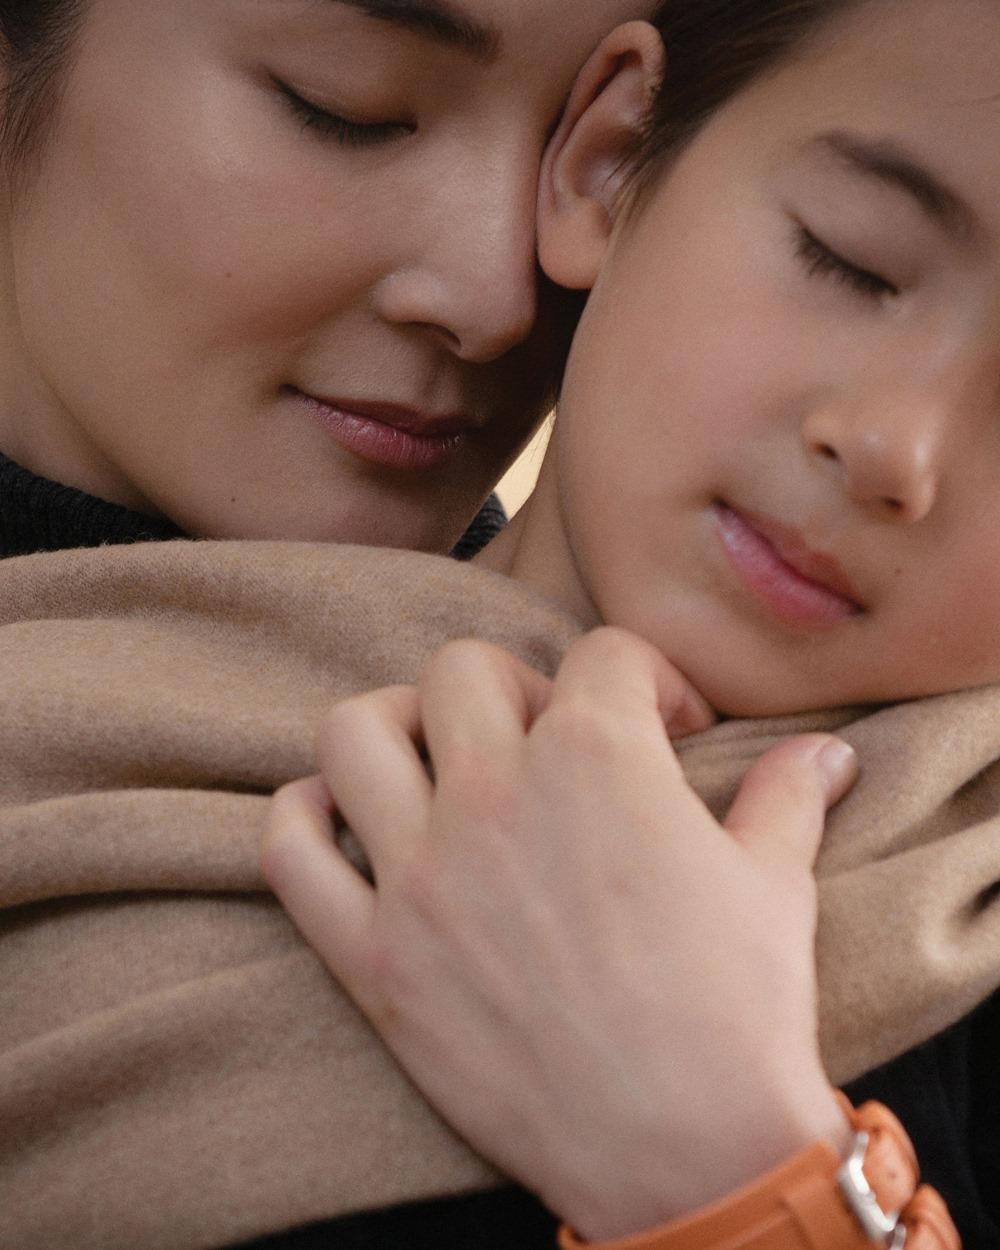 BEING MOM: LÀM ĐẸP KHÔNG HỀ ĐƠN GIẢN